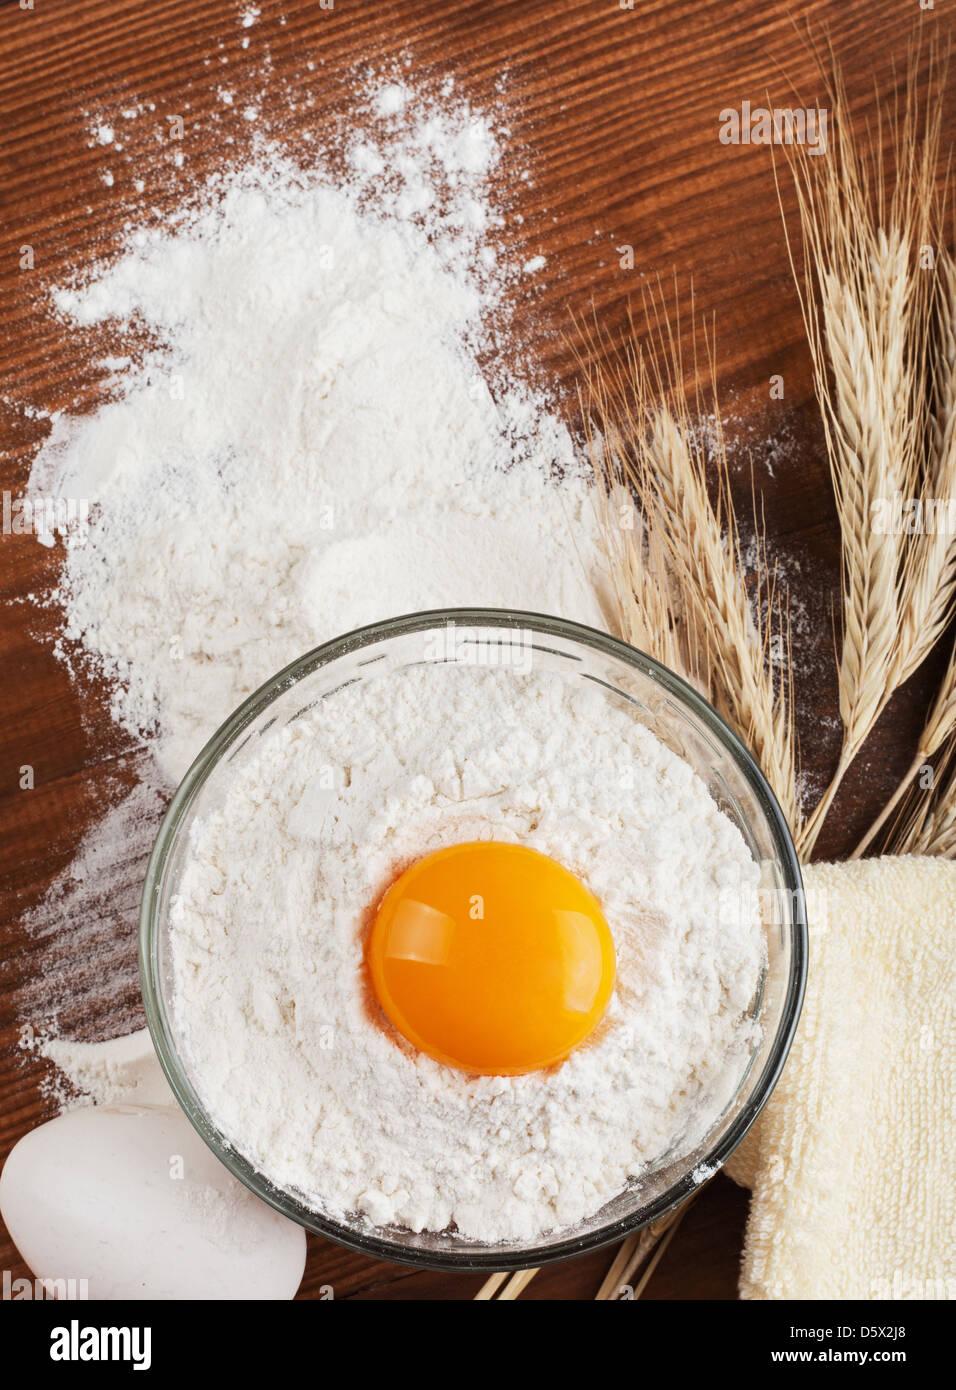 Préparer les ingrédients pour la cuisson. La farine, l'oeuf sur une table en bois. épillets de Photo Stock